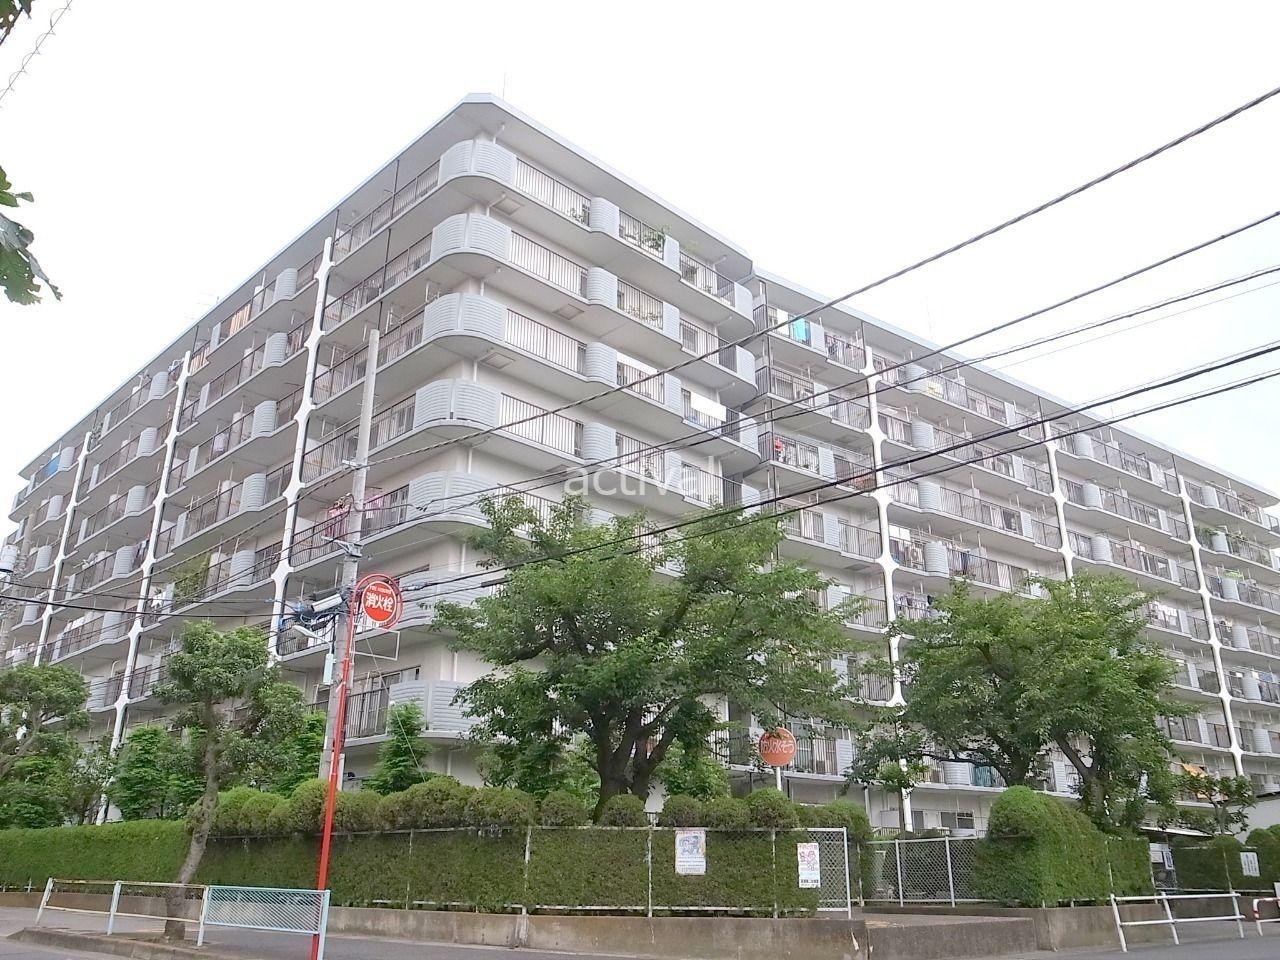 リフォーム前提で販売した築年数30年のマンション。販売開始から1ヶ月でご成約となりました。